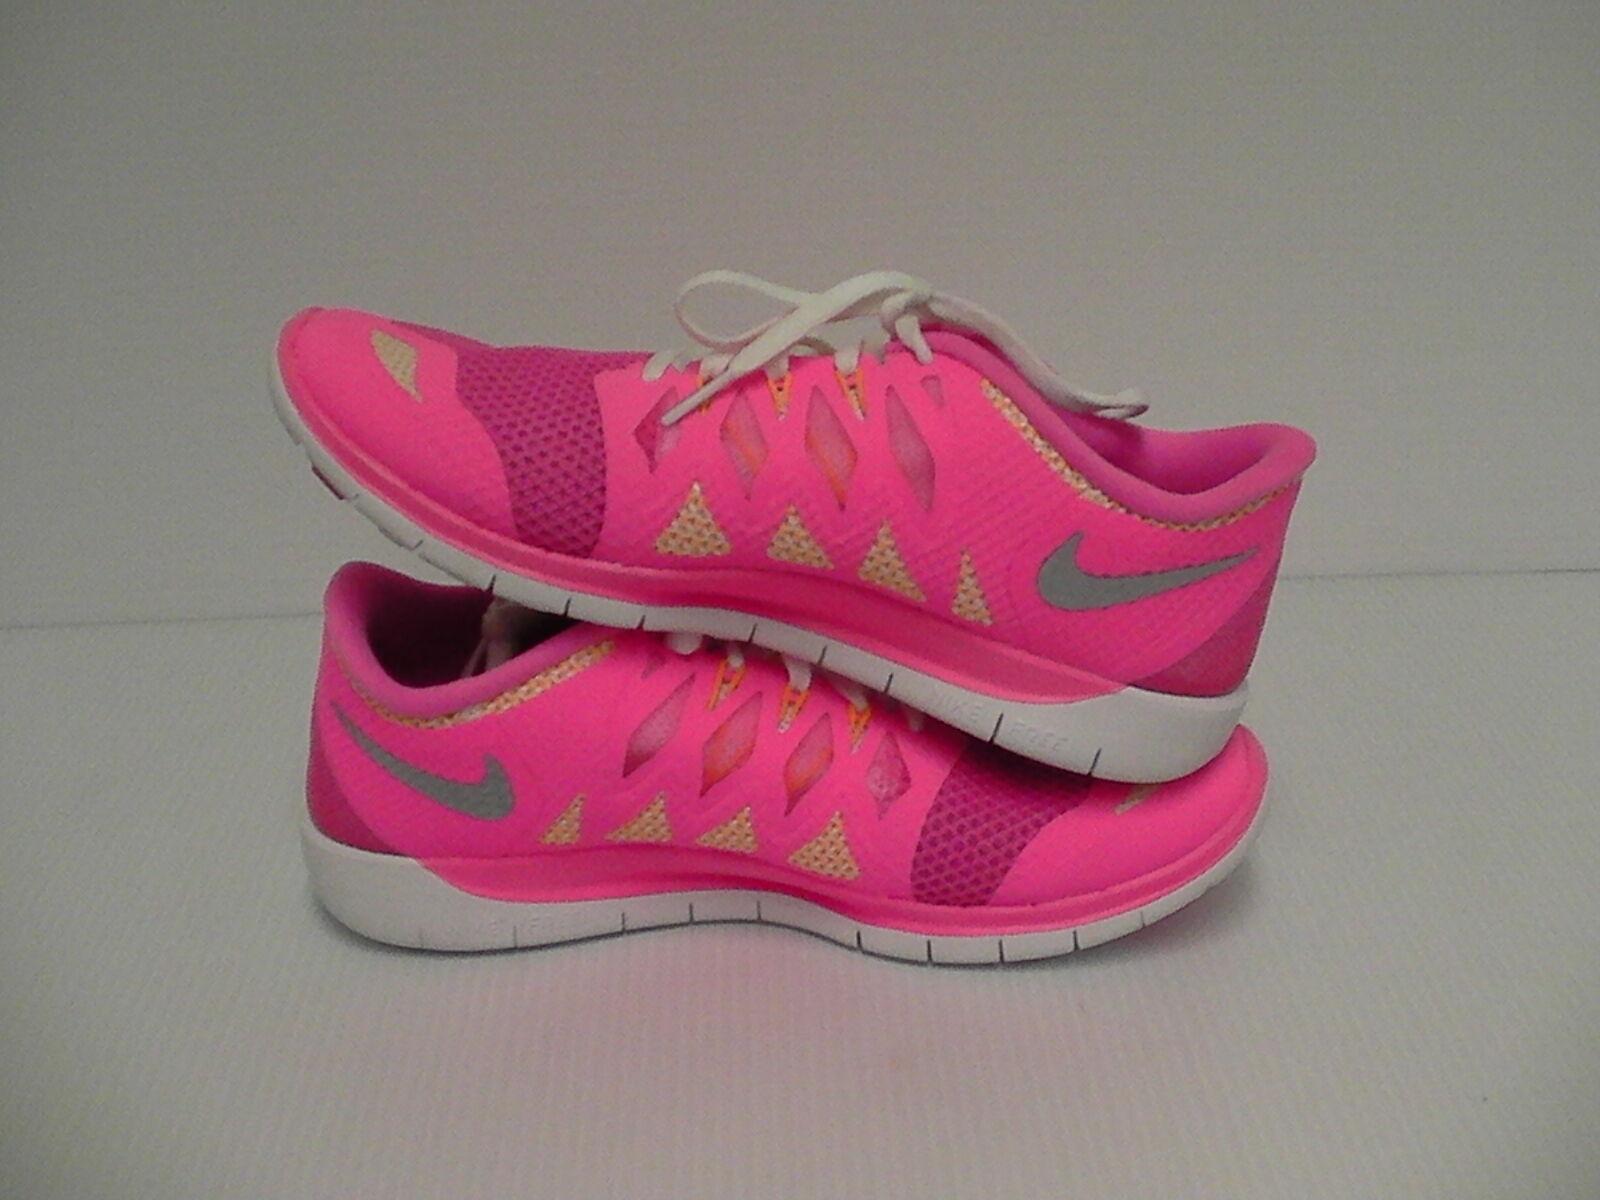 Nike Donna Scarpe da Corsa Free Free Free 5.0 (Gs) Taglia 6.5 Giovanile | Bel Colore  | Uomini/Donna Scarpa  a8029e